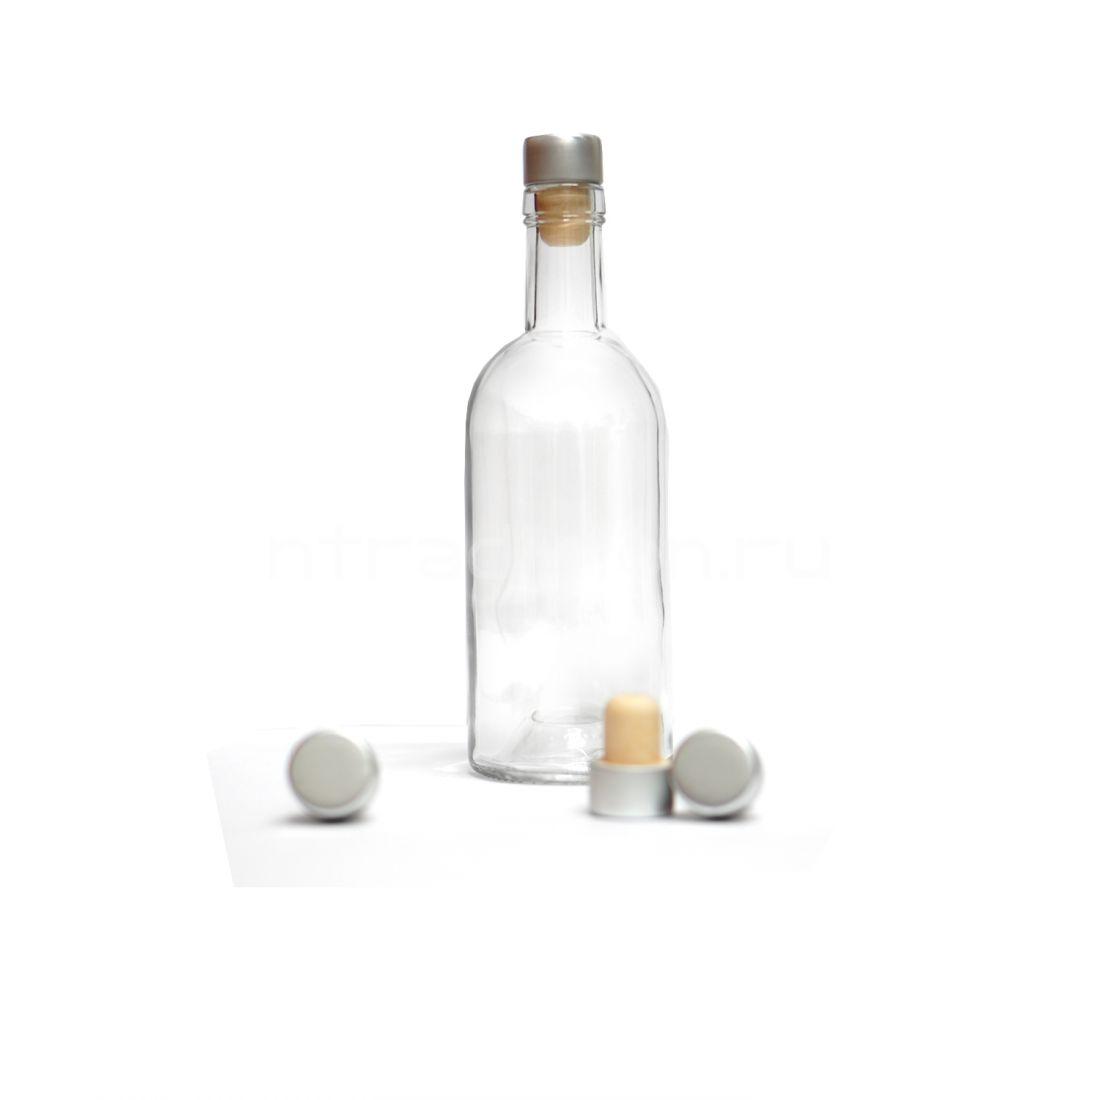 Бутылка Виски Лайт, 0,5 л./ 12 штук